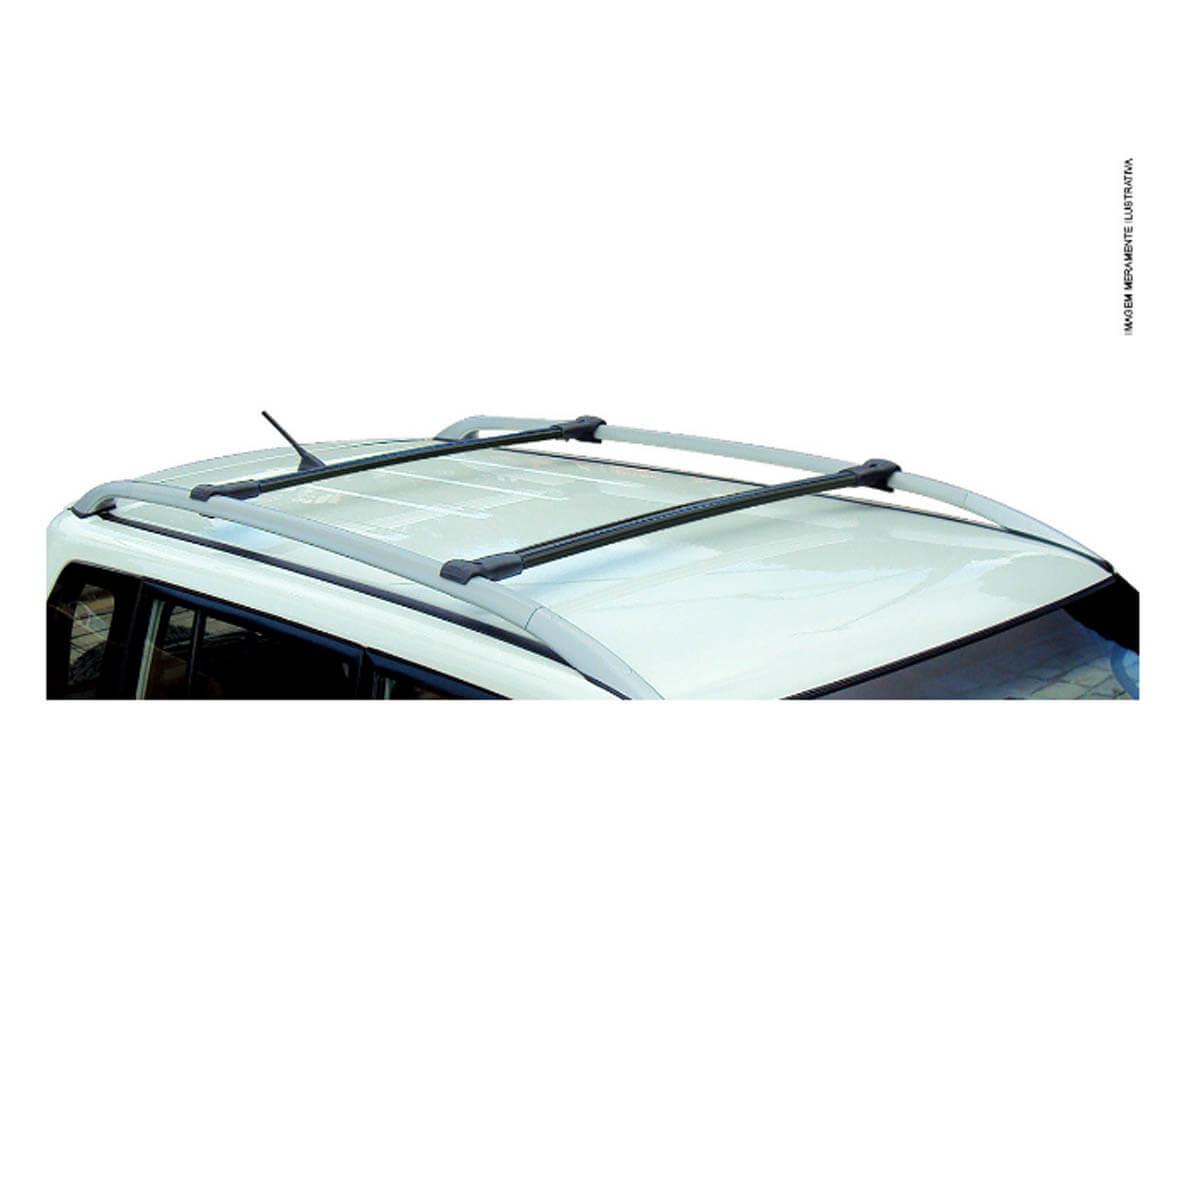 Travessa rack de teto larga preta alumínio Jimny 2012 a 2020